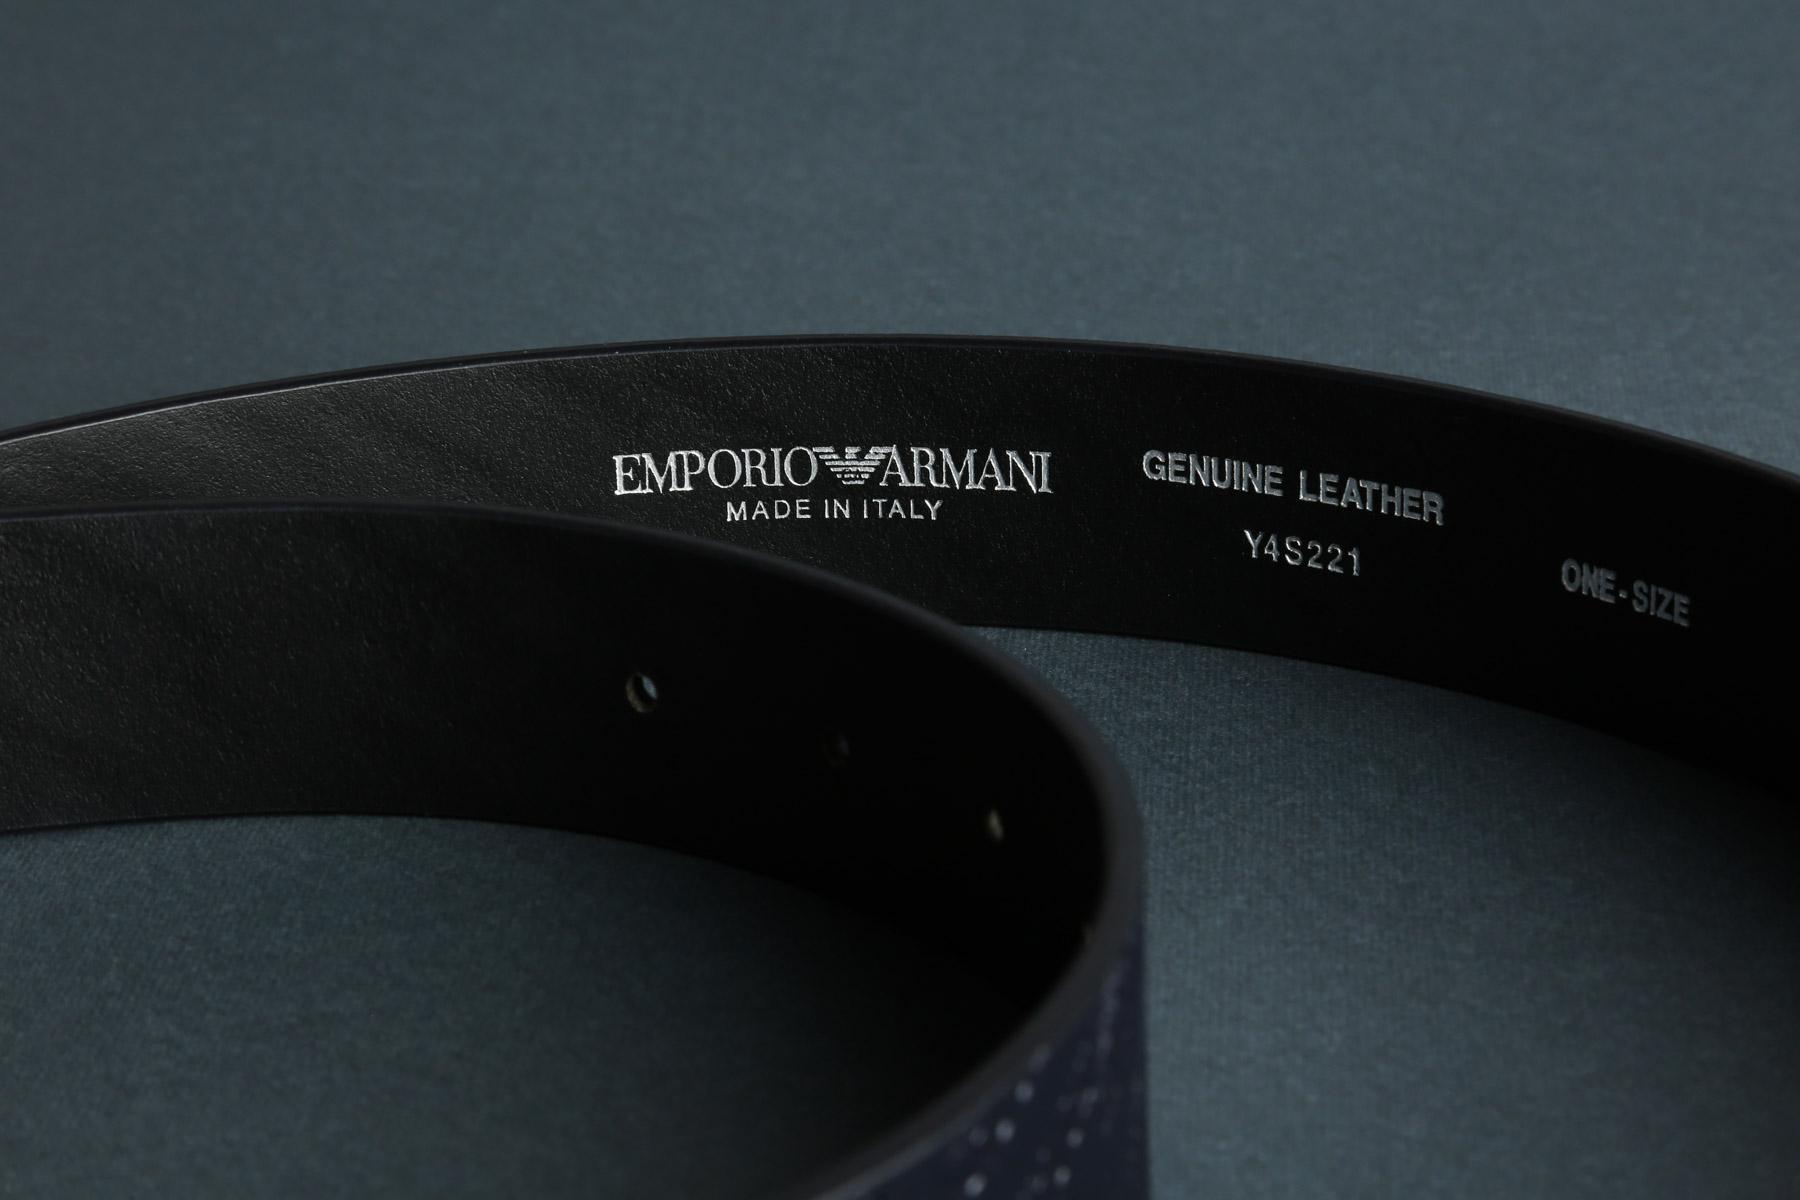 Emporio Armani (4)